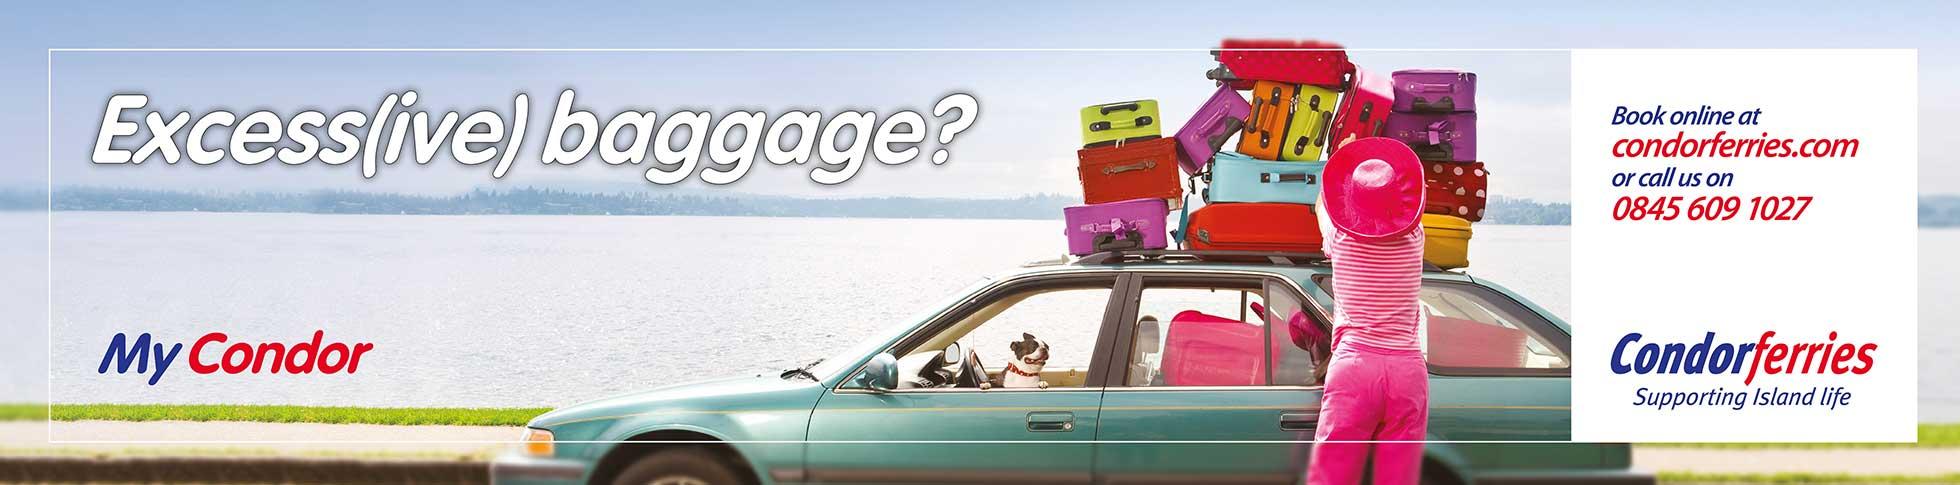 Condor excessive baggage